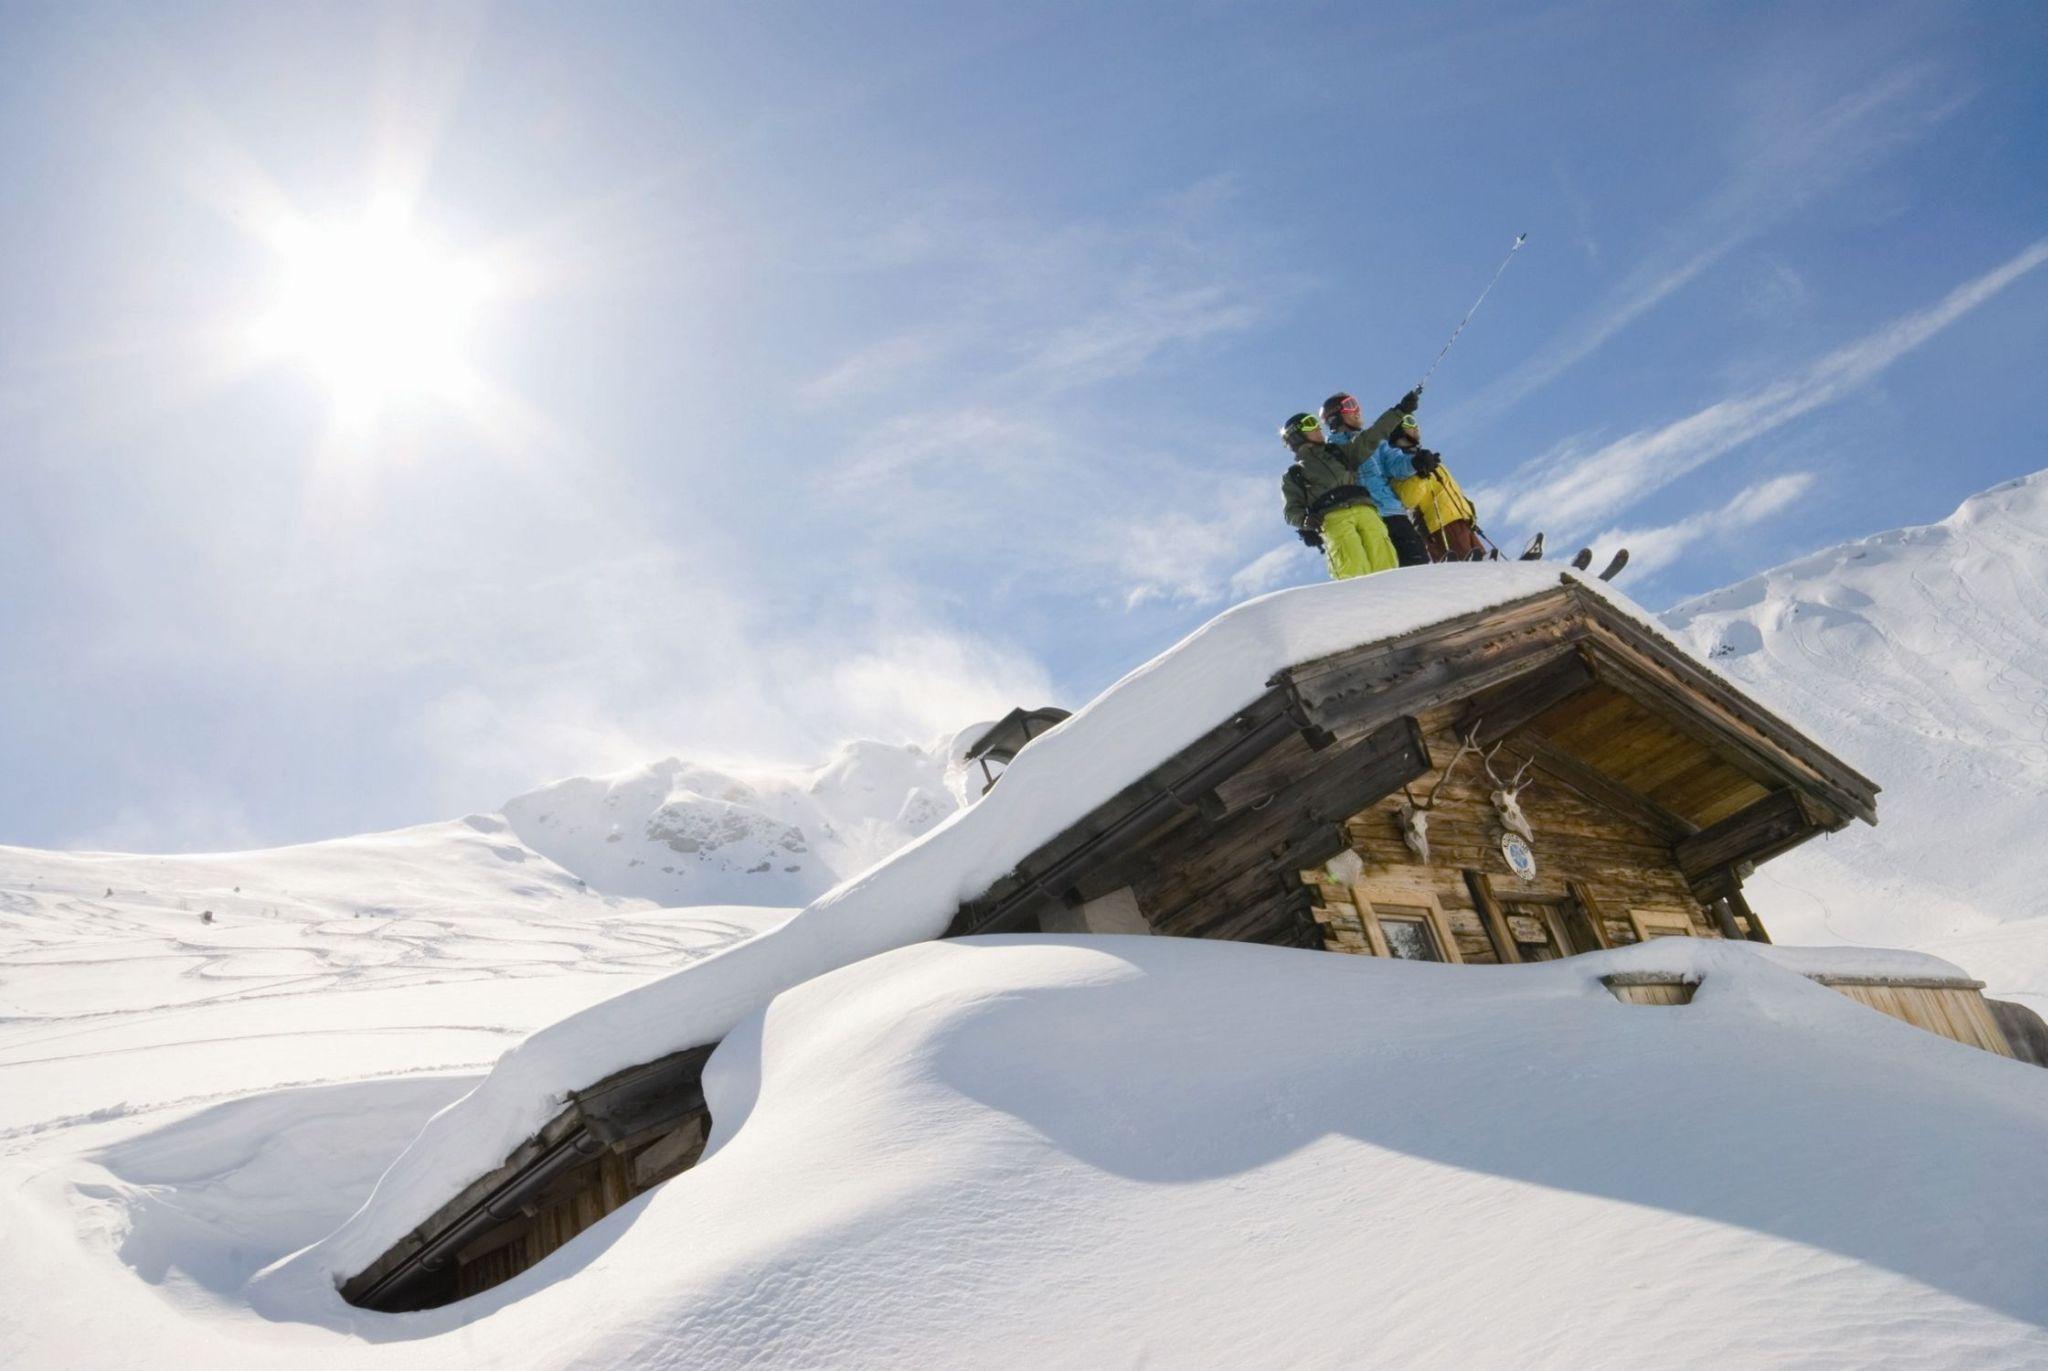 2-Skifahrer_Truppe_am_Hüttendach_Alpbach-klein